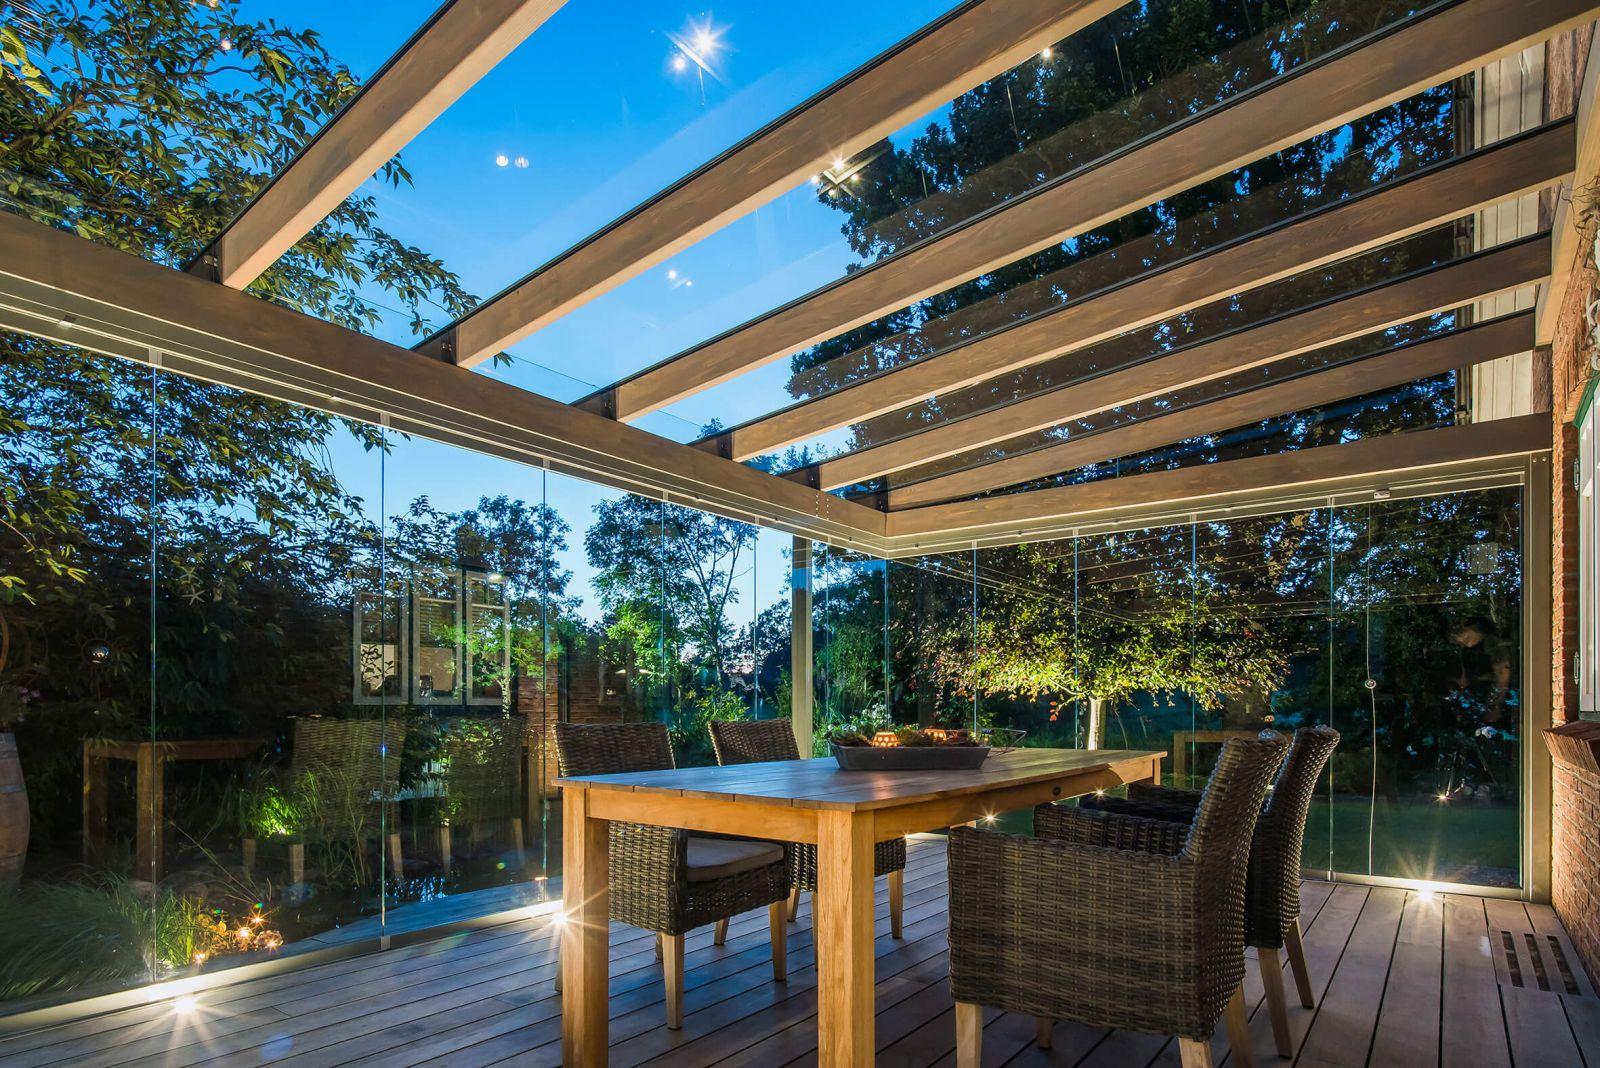 Teraszfedés Solarlux Aura fa gerendás üvegterasszal